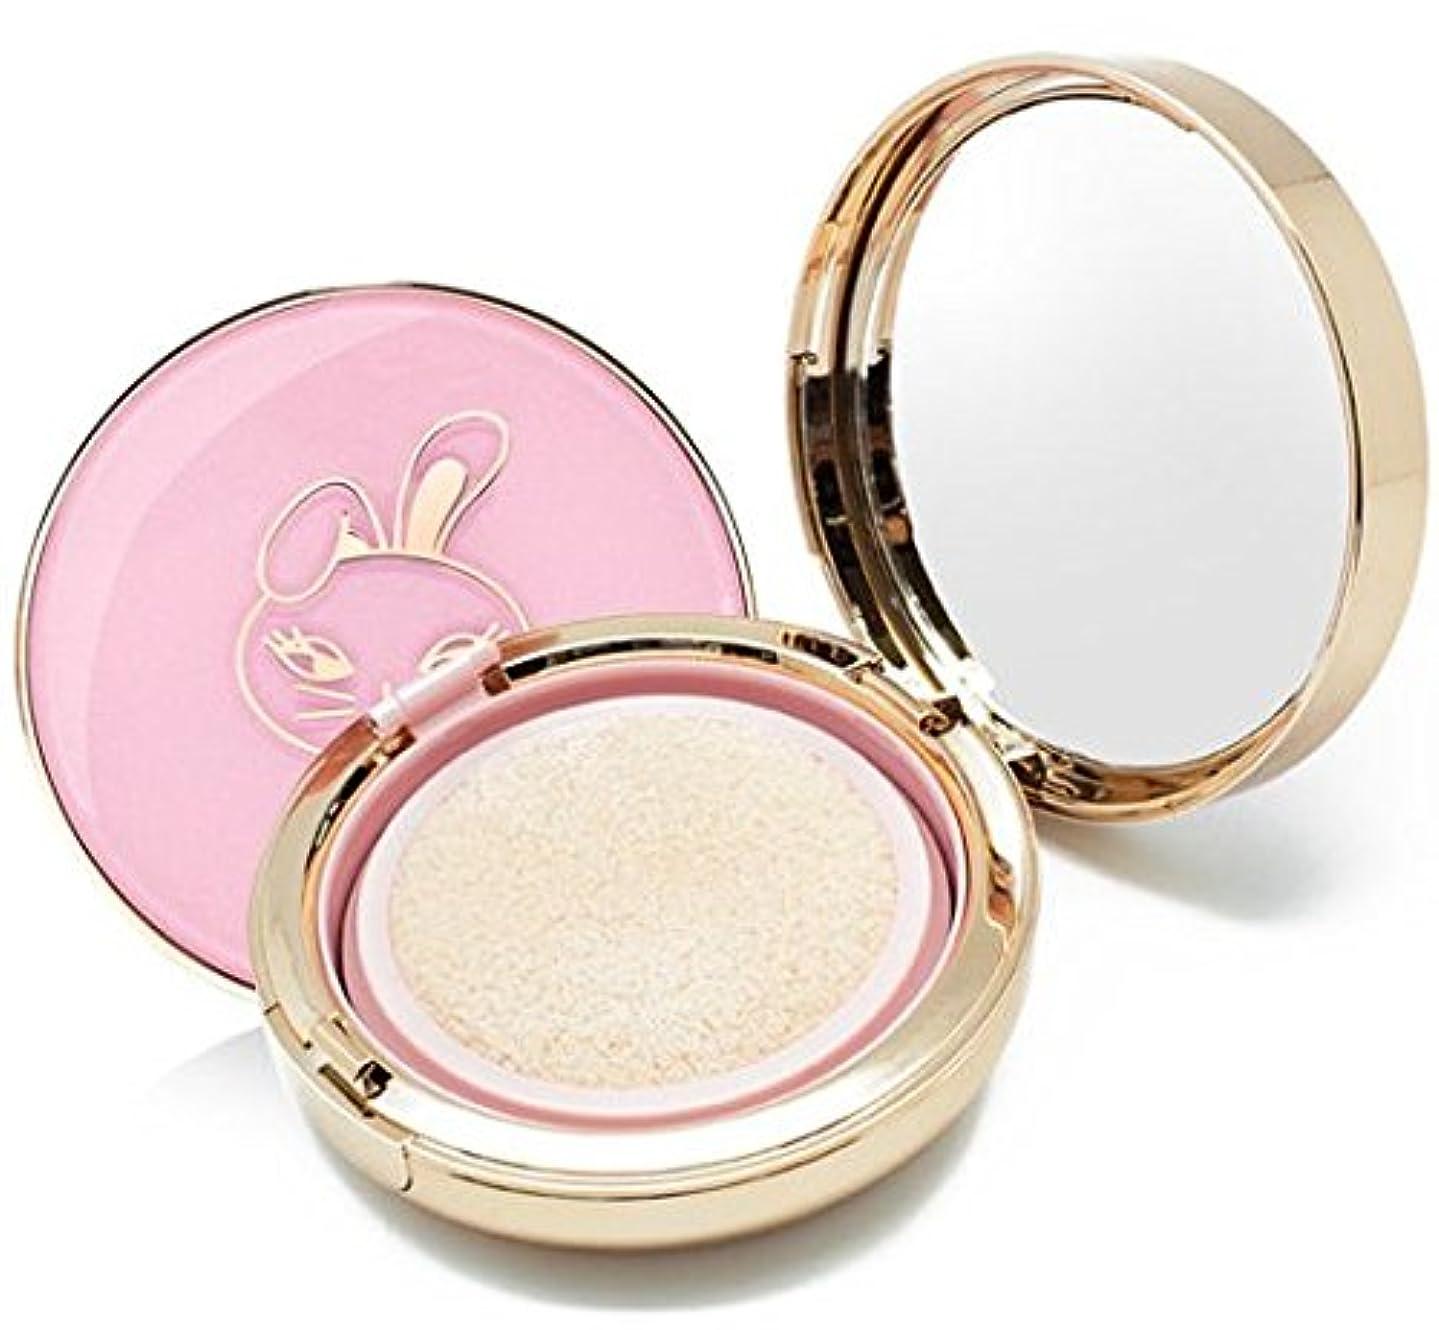 施し過半数広範囲にKD シュシュペイント X ヴァント 36.5 キッズ サンクッション (ShuShu×VANTコラボ) UV ポンポン 子供用化粧品 女の子 プレゼント